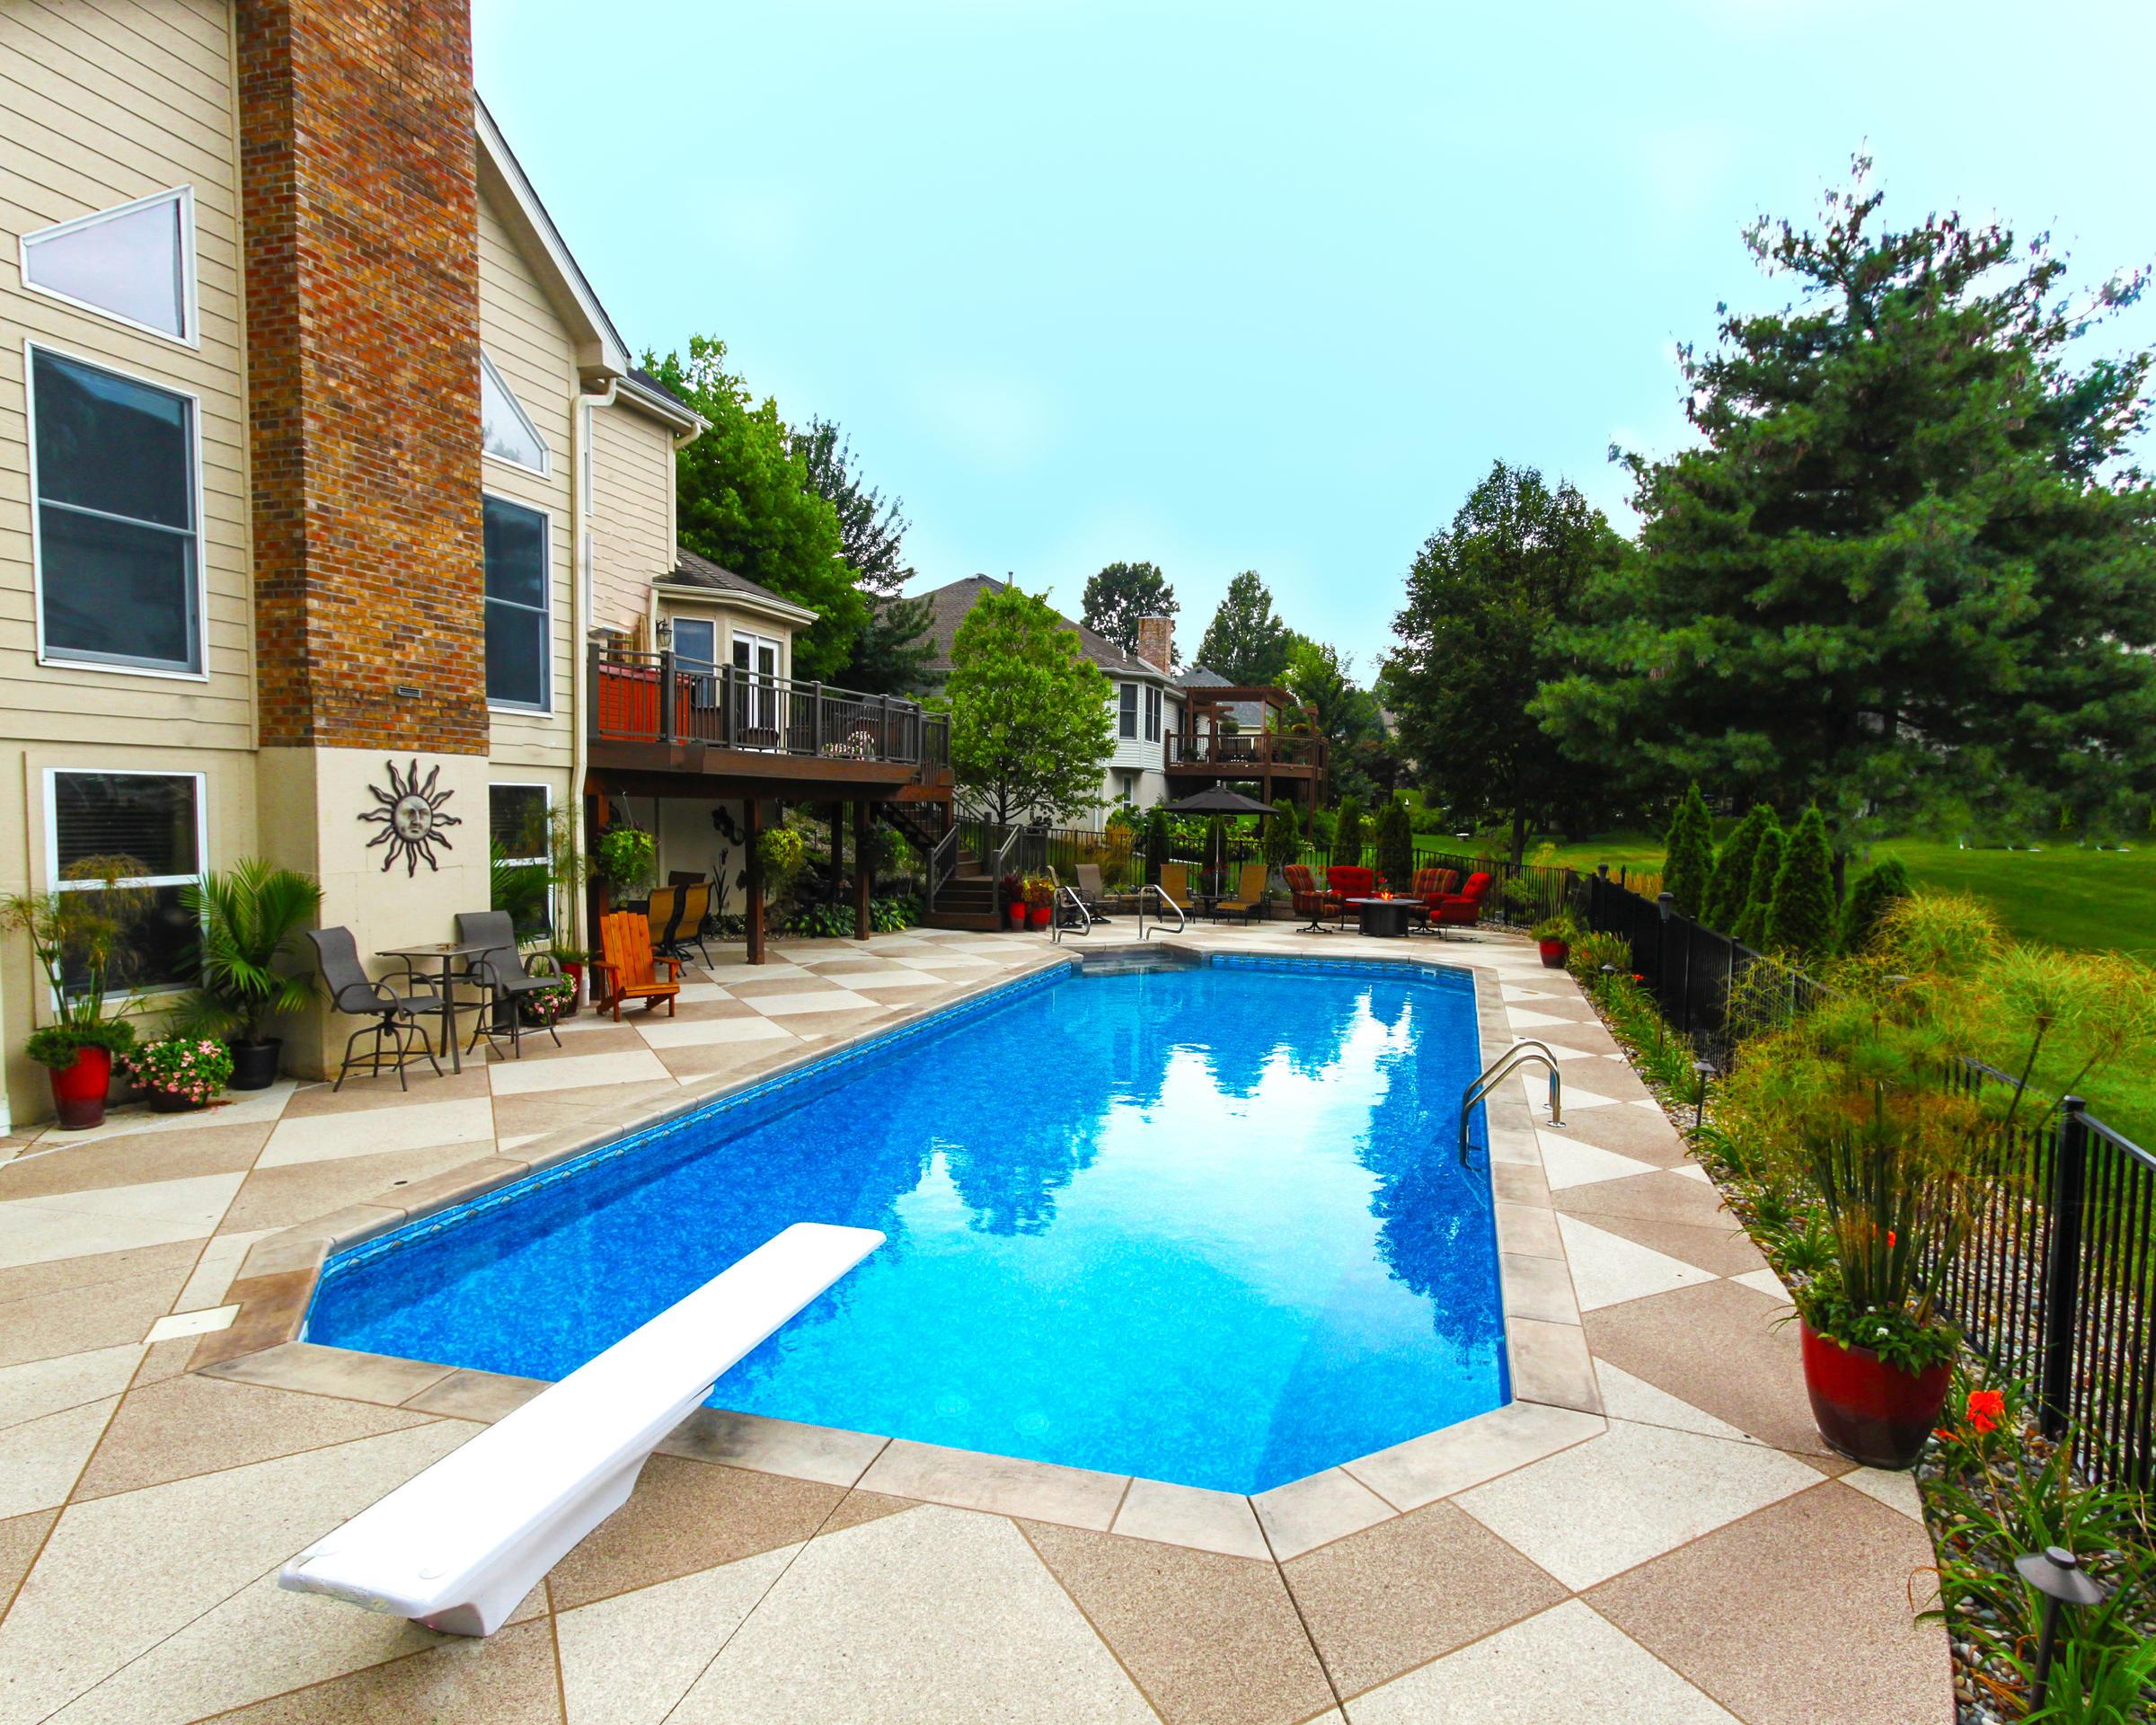 Prestige Pools & Spas image 7